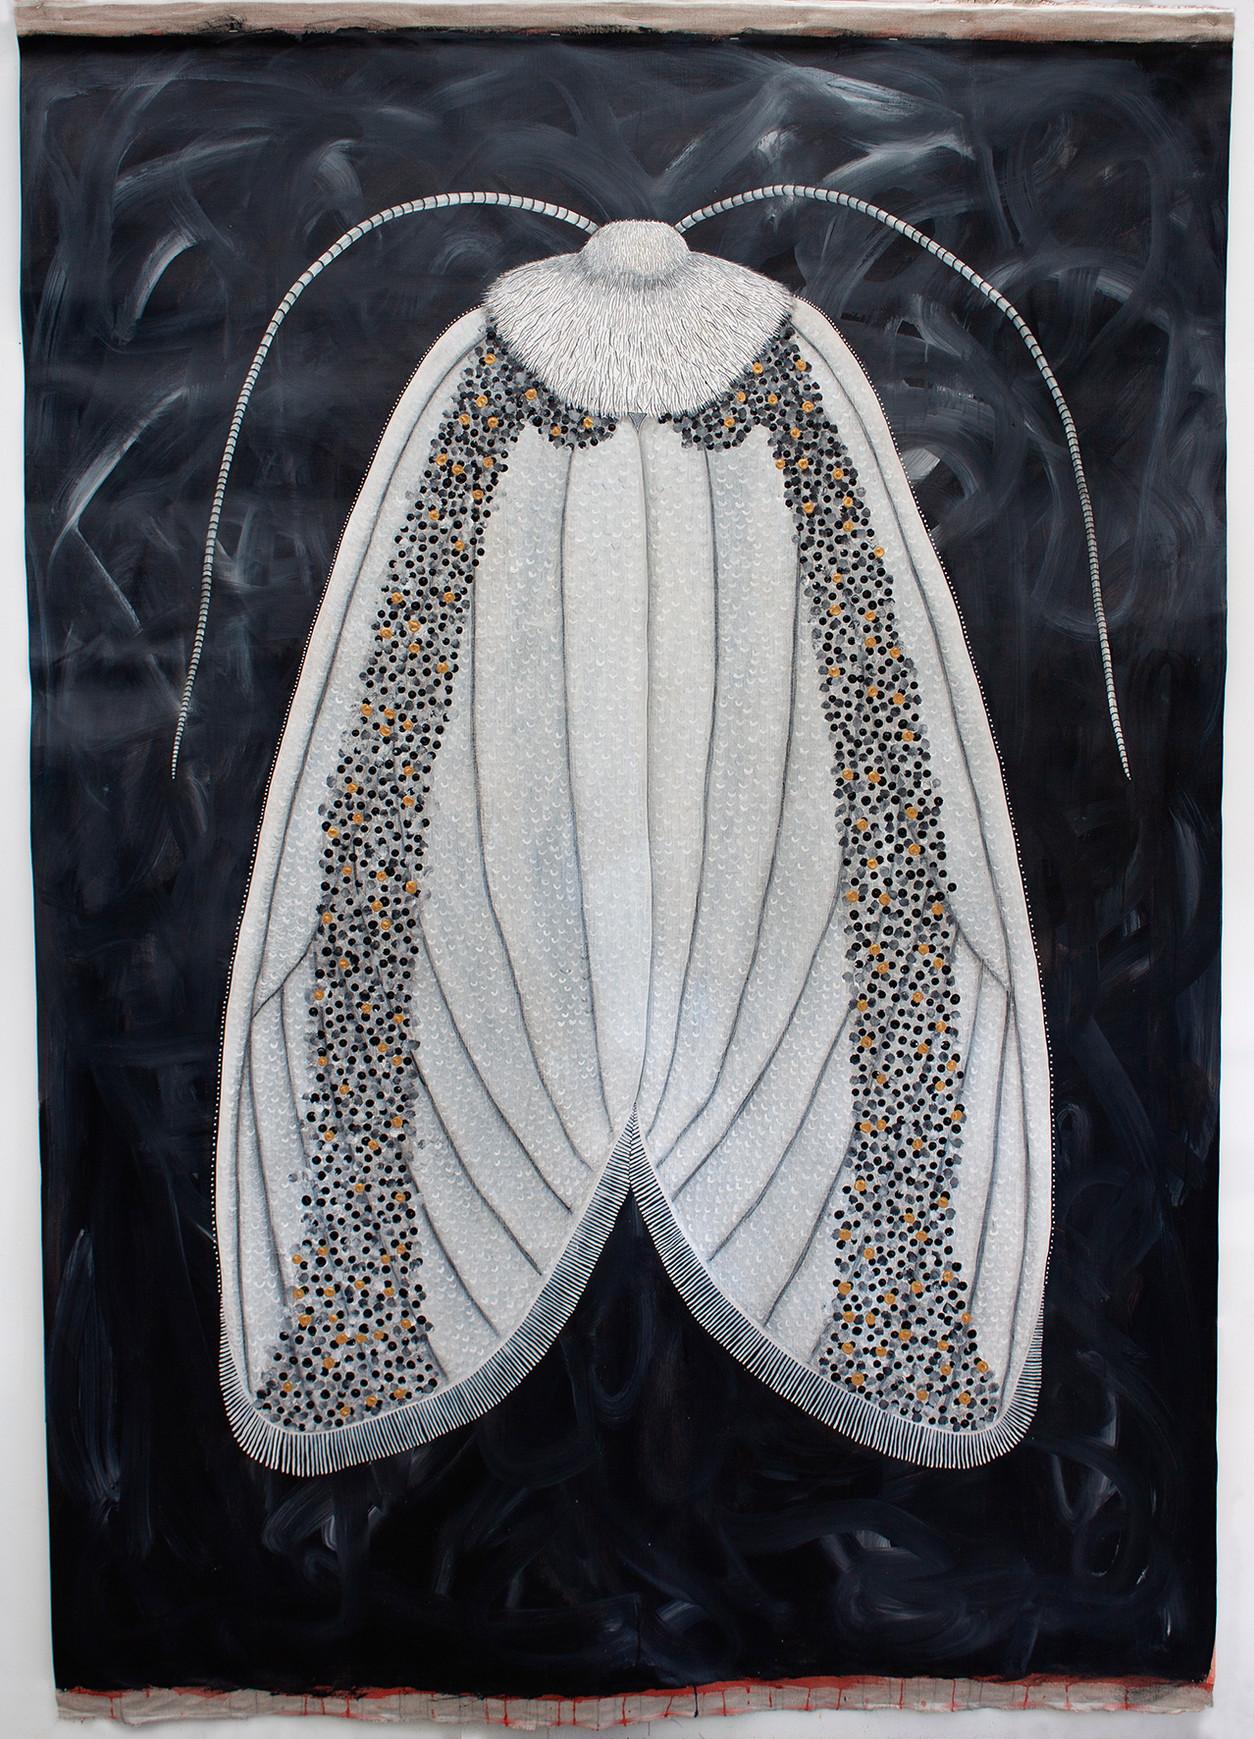 Oenosandra boisduvalii, Boisduval's Autumn Moth - FEMALE